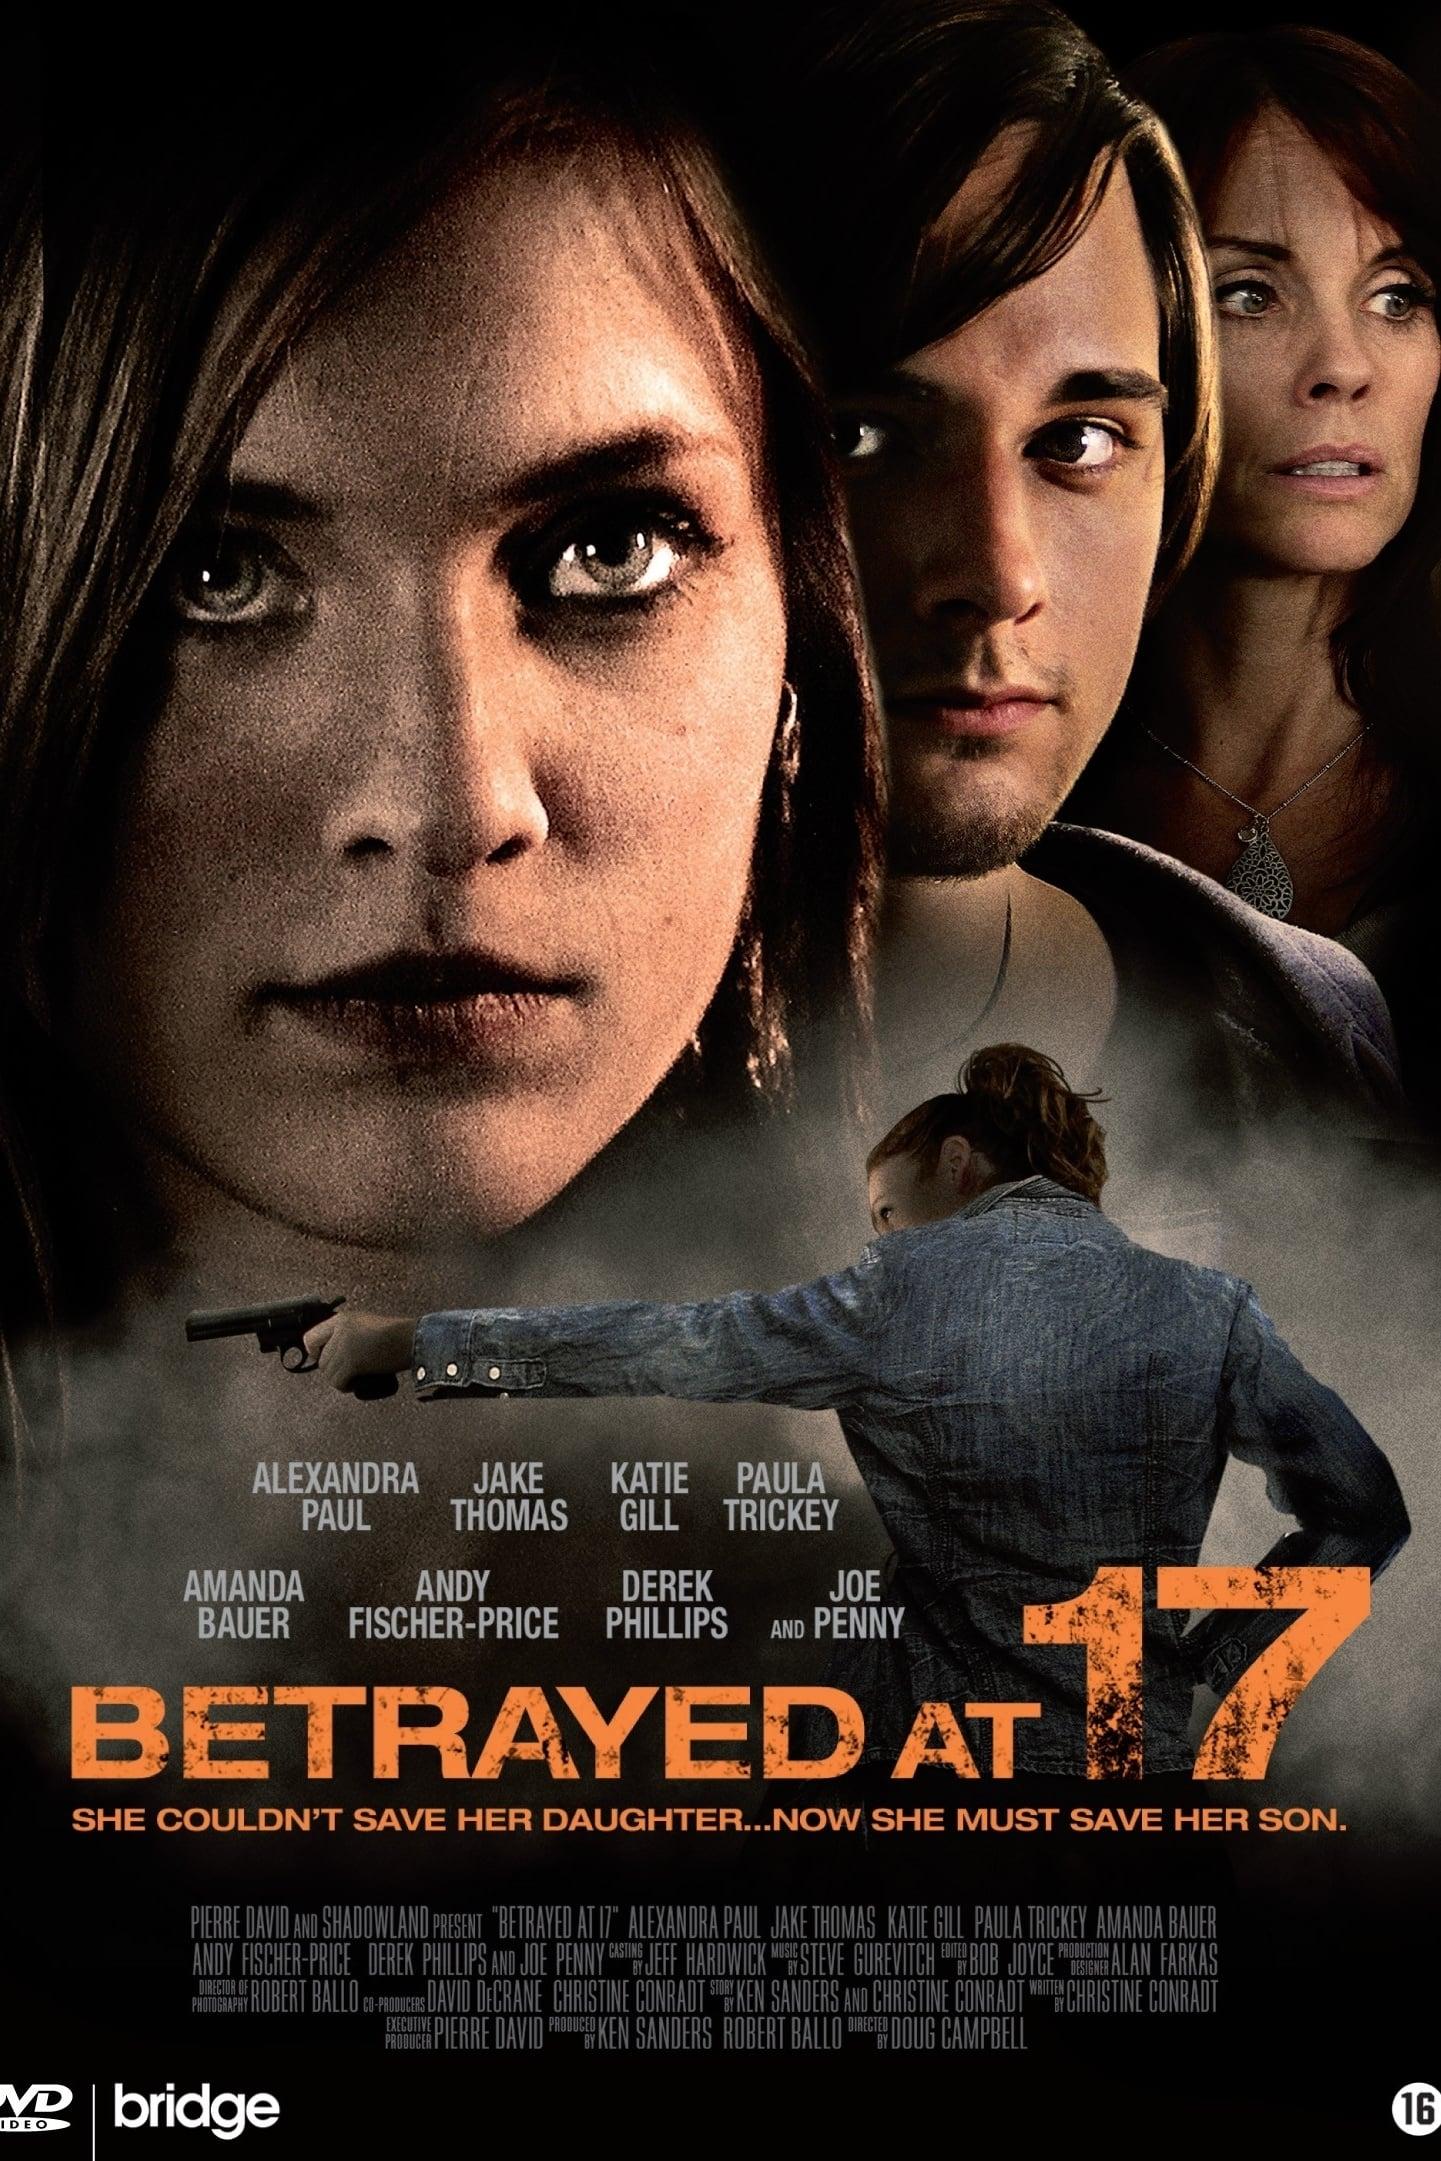 Betrayed at 17 (2011)